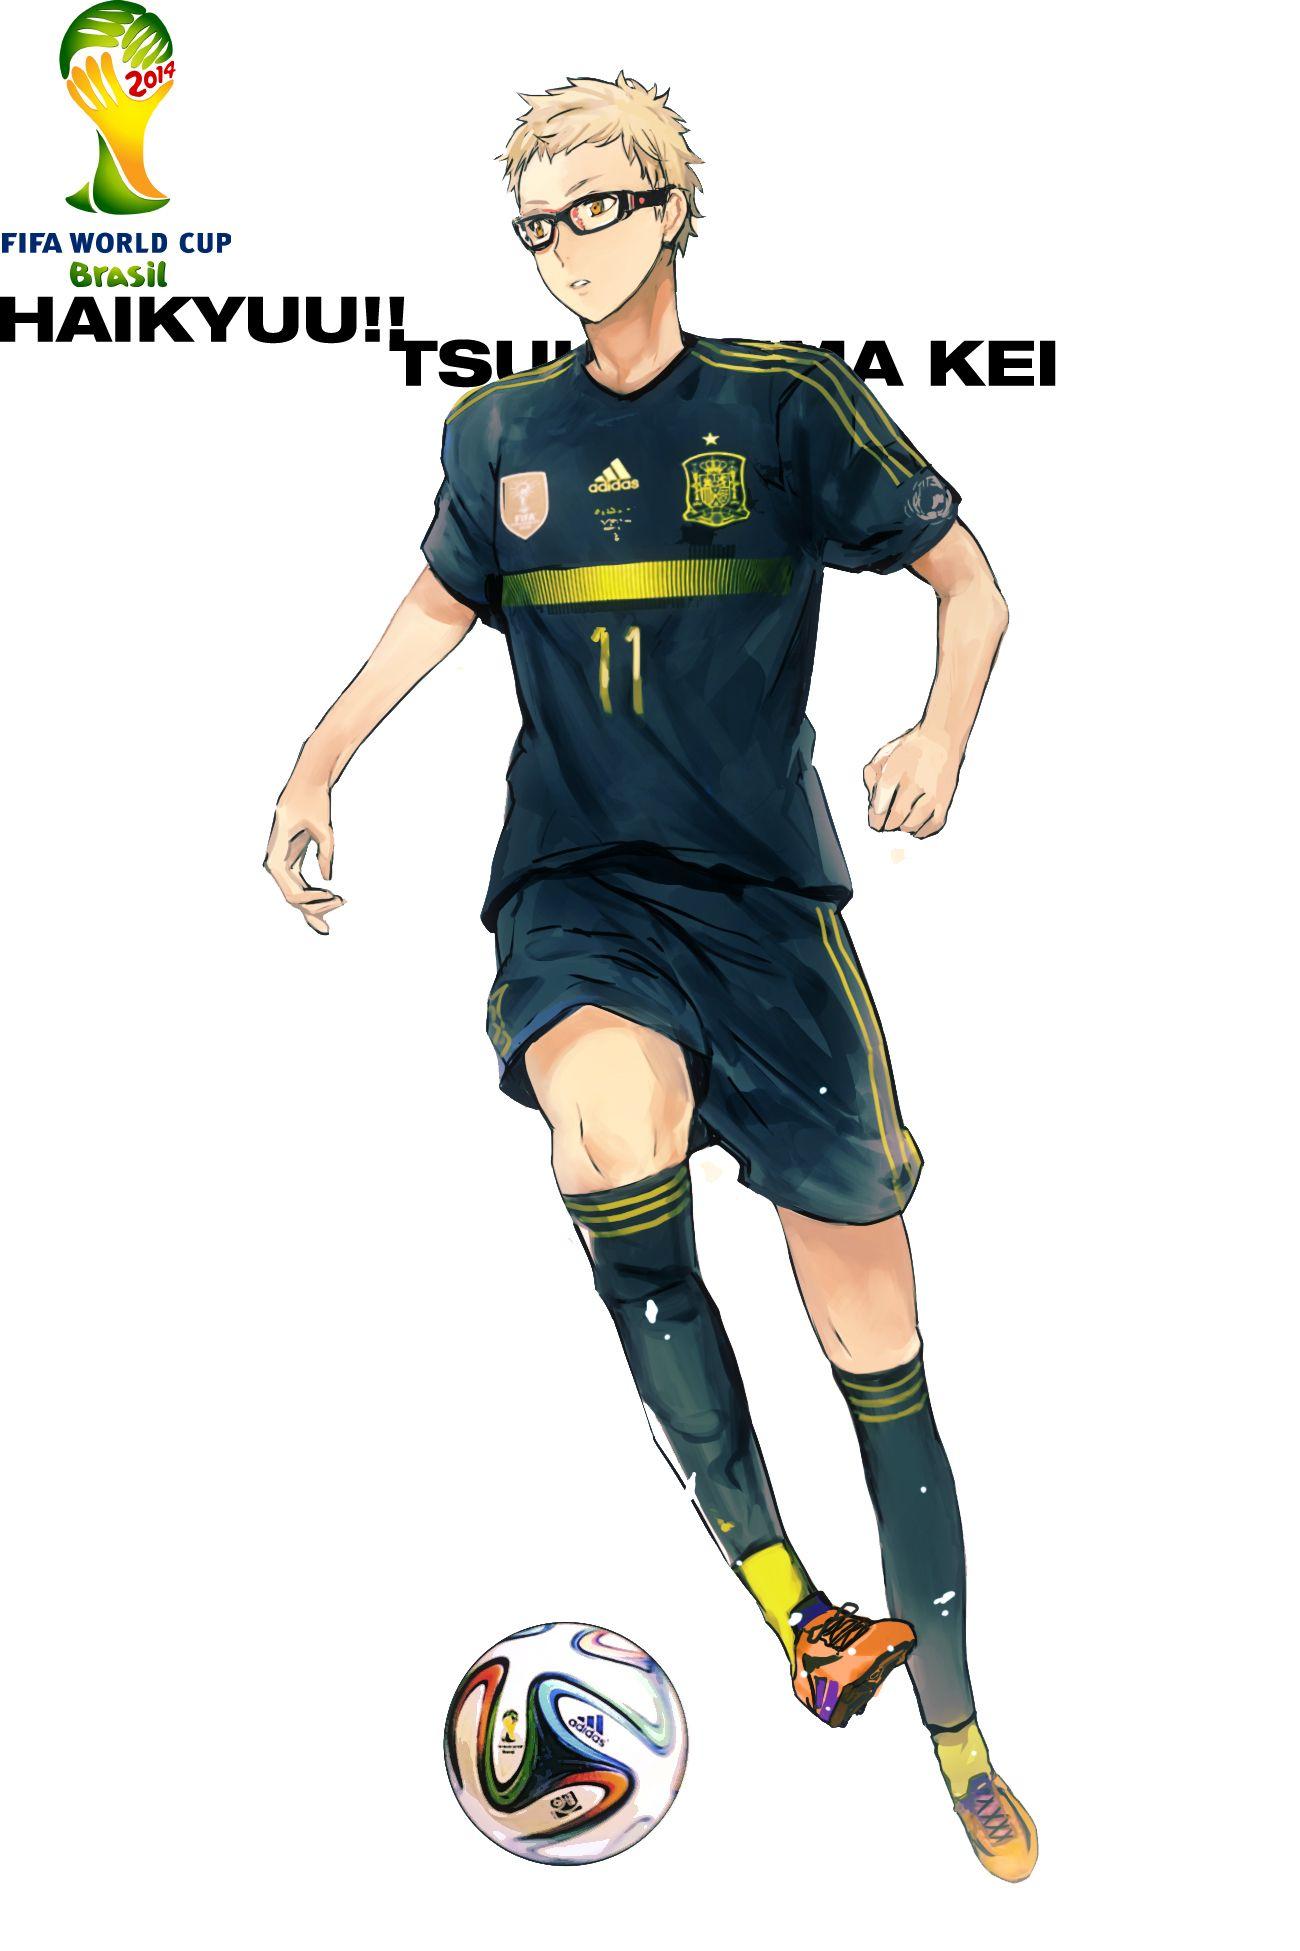 Takishima Kei